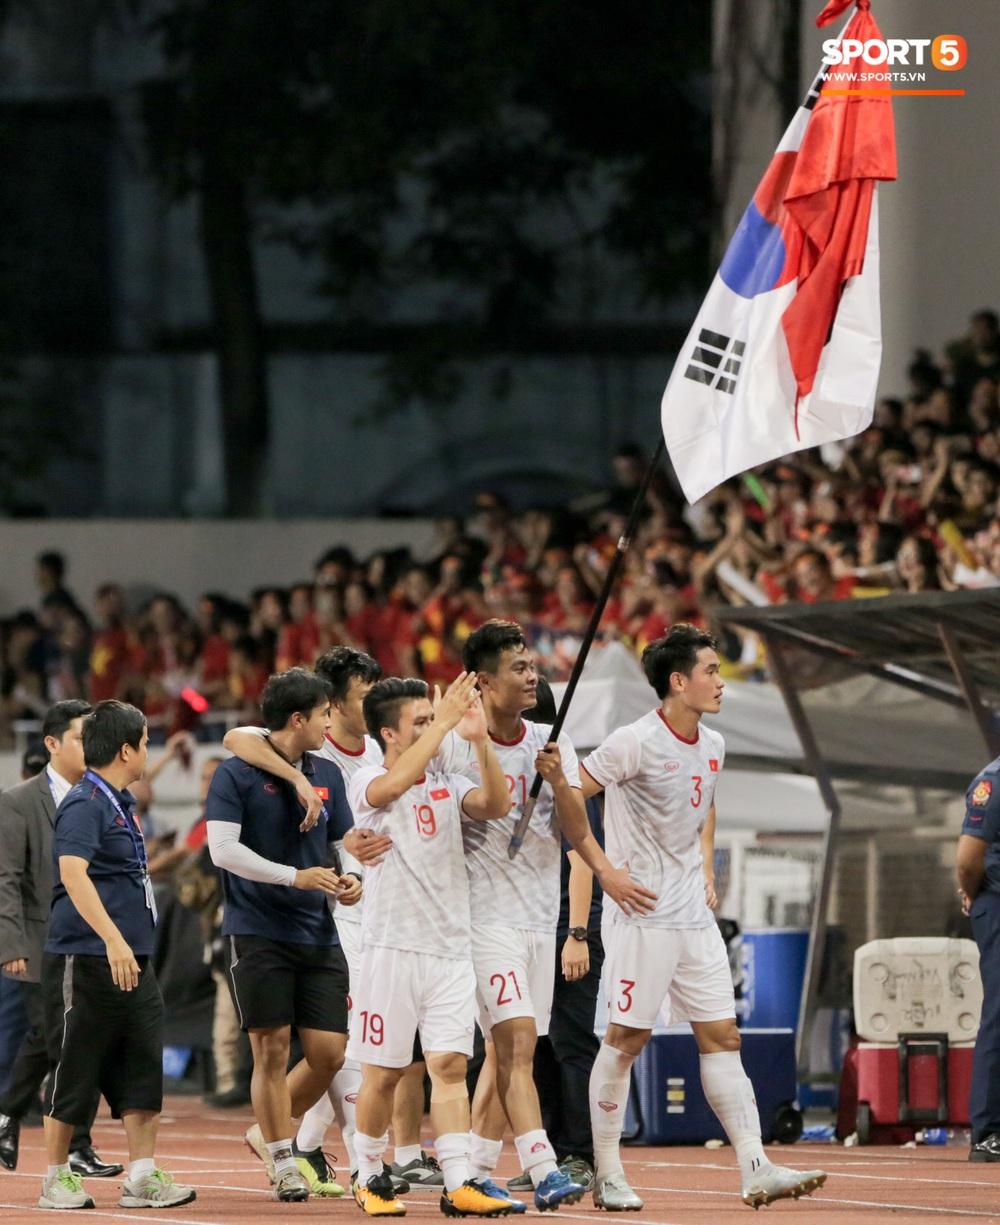 HLV Park Hang-seo gặp riêng Bùi Tiến Dũng, động viên sau lễ trao huy chương SEA Games 30 - Ảnh 8.